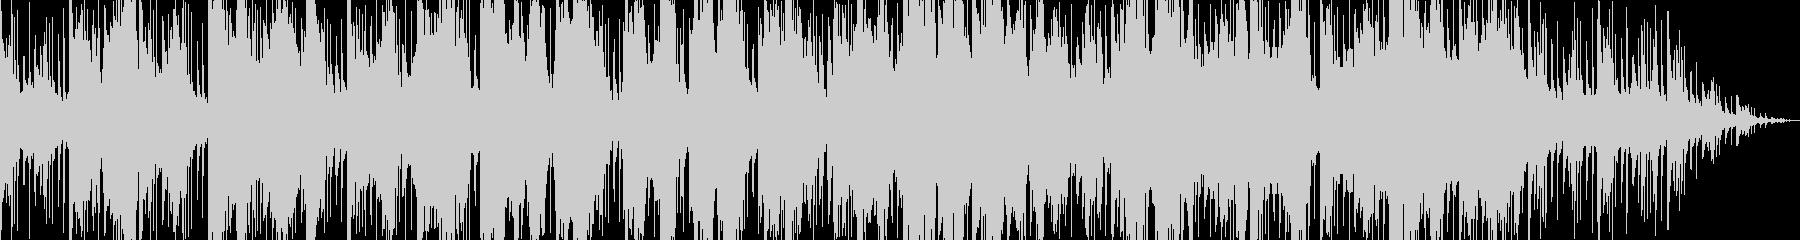 琴と尺八で奏でる和風曲の未再生の波形